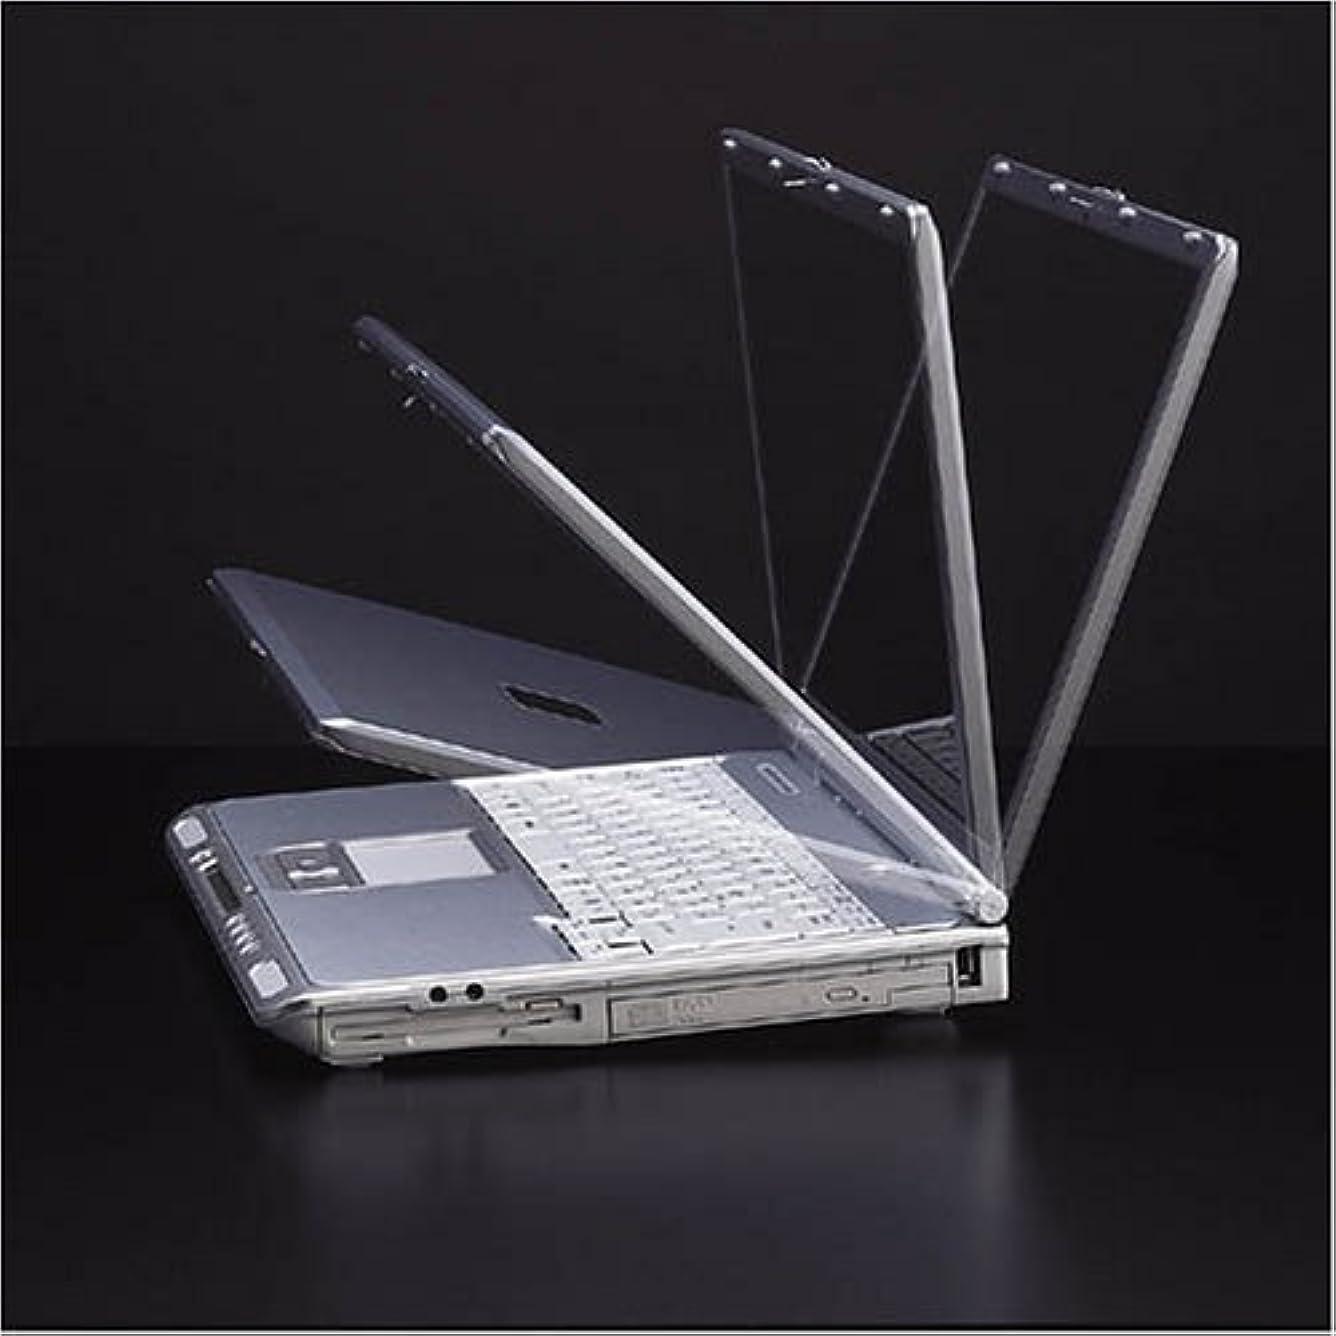 秘書説得時期尚早【2003年モデル】ELECOM 液晶保護フィルム 反射低減仕様 12.1インチ用 EF-FL121